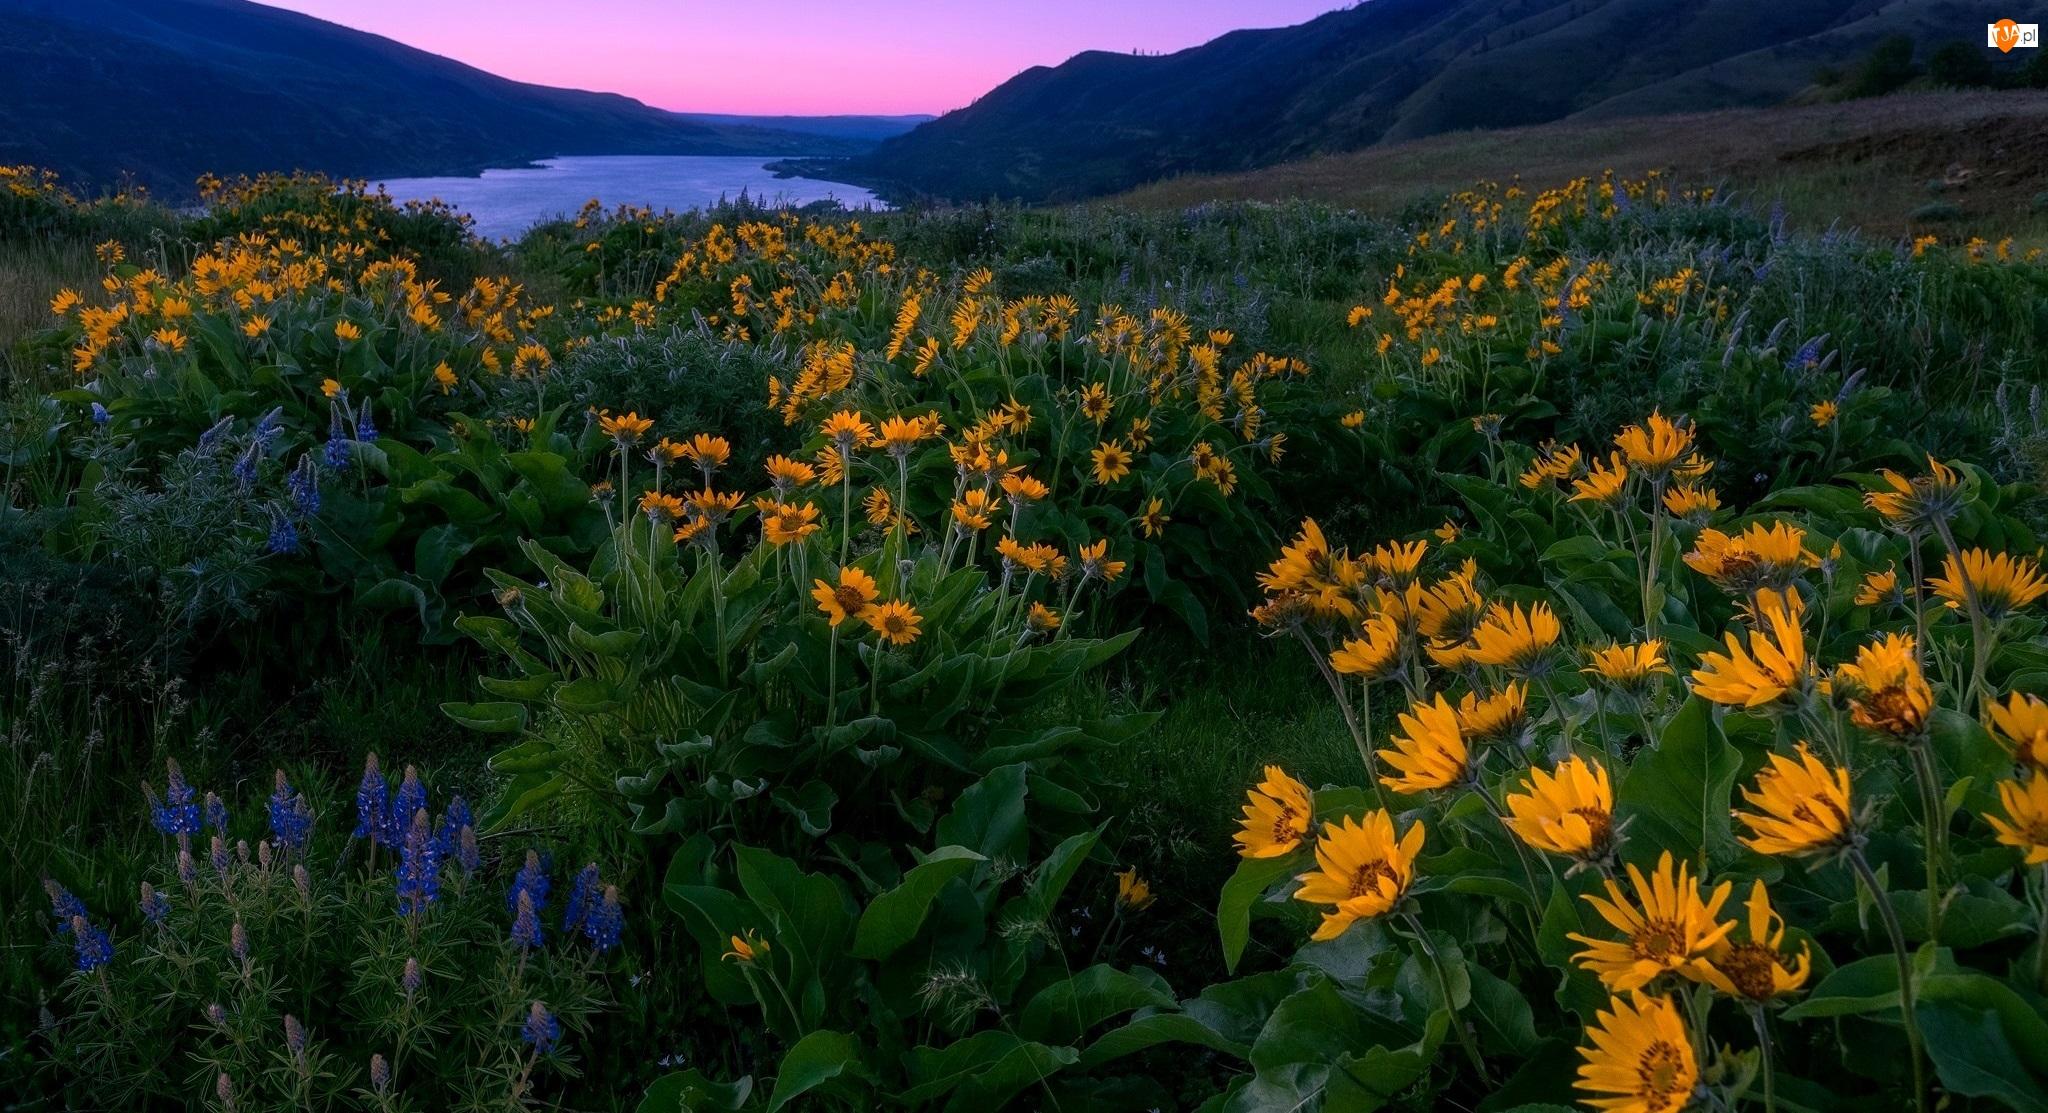 Góry, Wzgórza, Stan Oregon, Stany Zjednoczone, Rzeka, Rezerwat przyrody Columbia River Gorge, Kwiaty